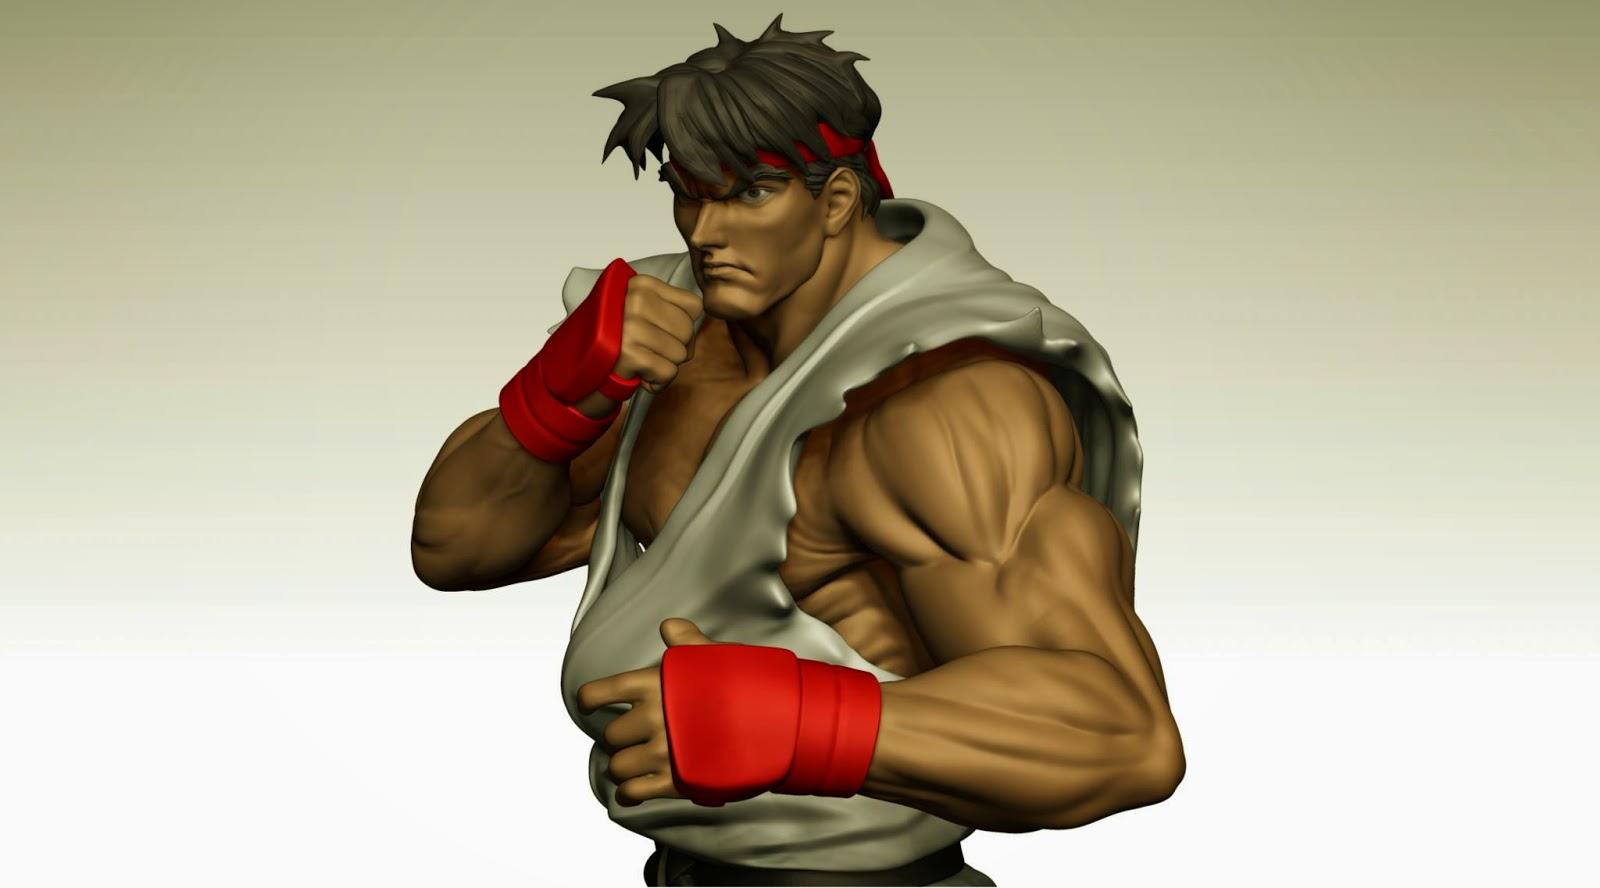 Ryu della PrototypeZ Studios